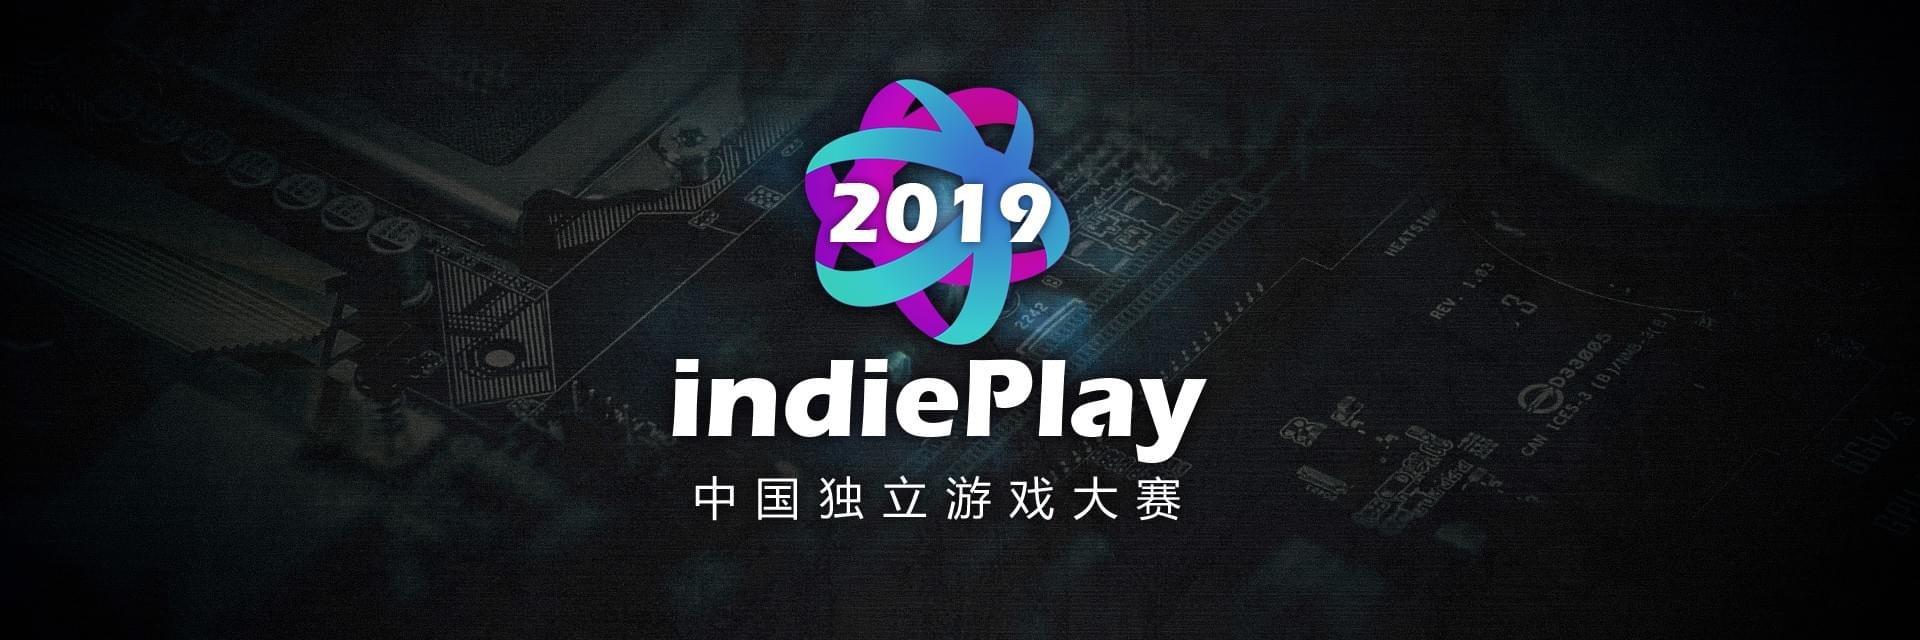 2019 indiePlay中国独立游戏大赛各奖项入围公布,12月8日WePlay现场进行颁奖典礼